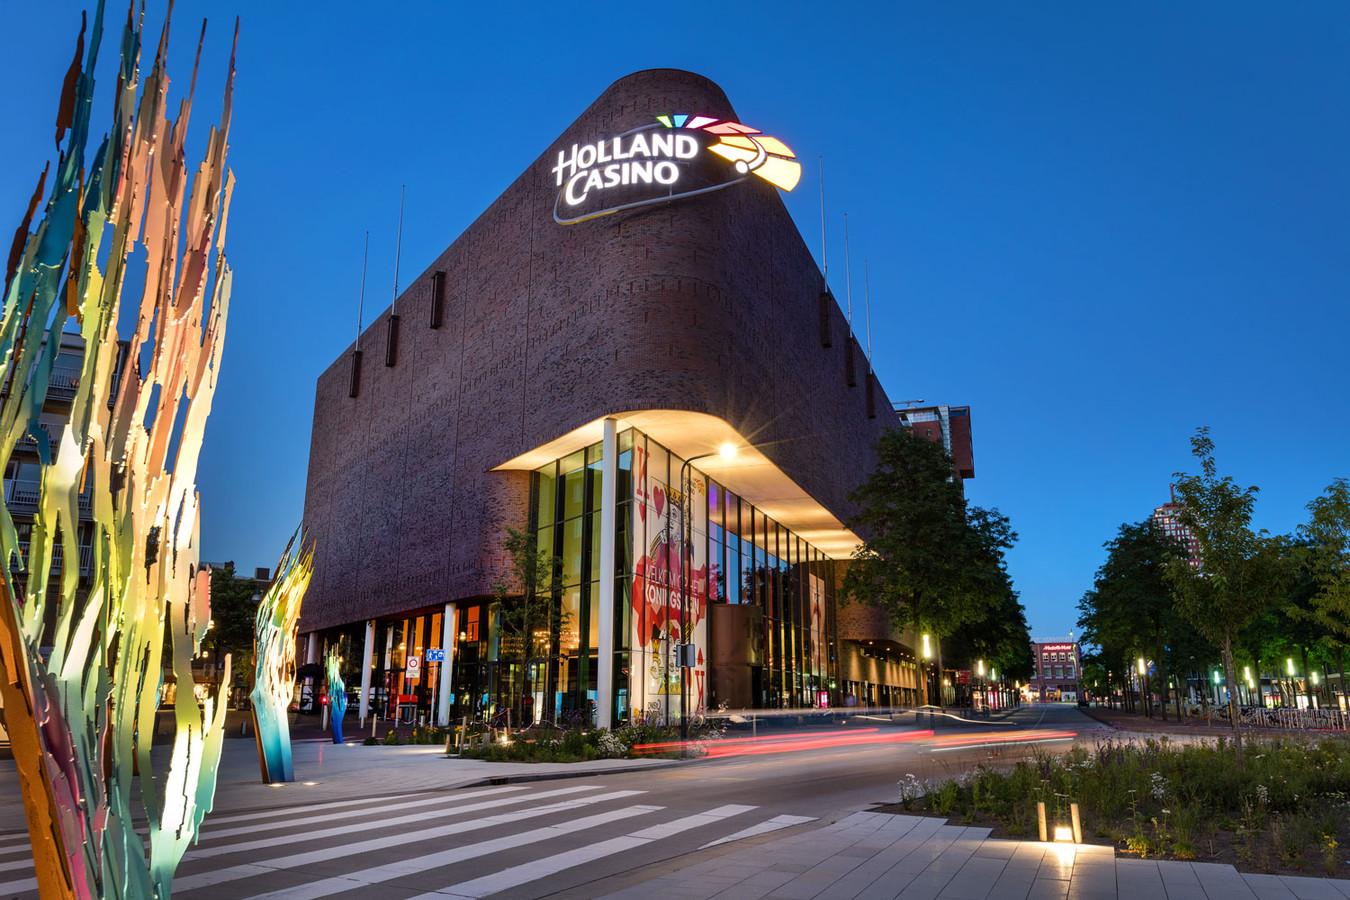 Holland Casino Enschede.